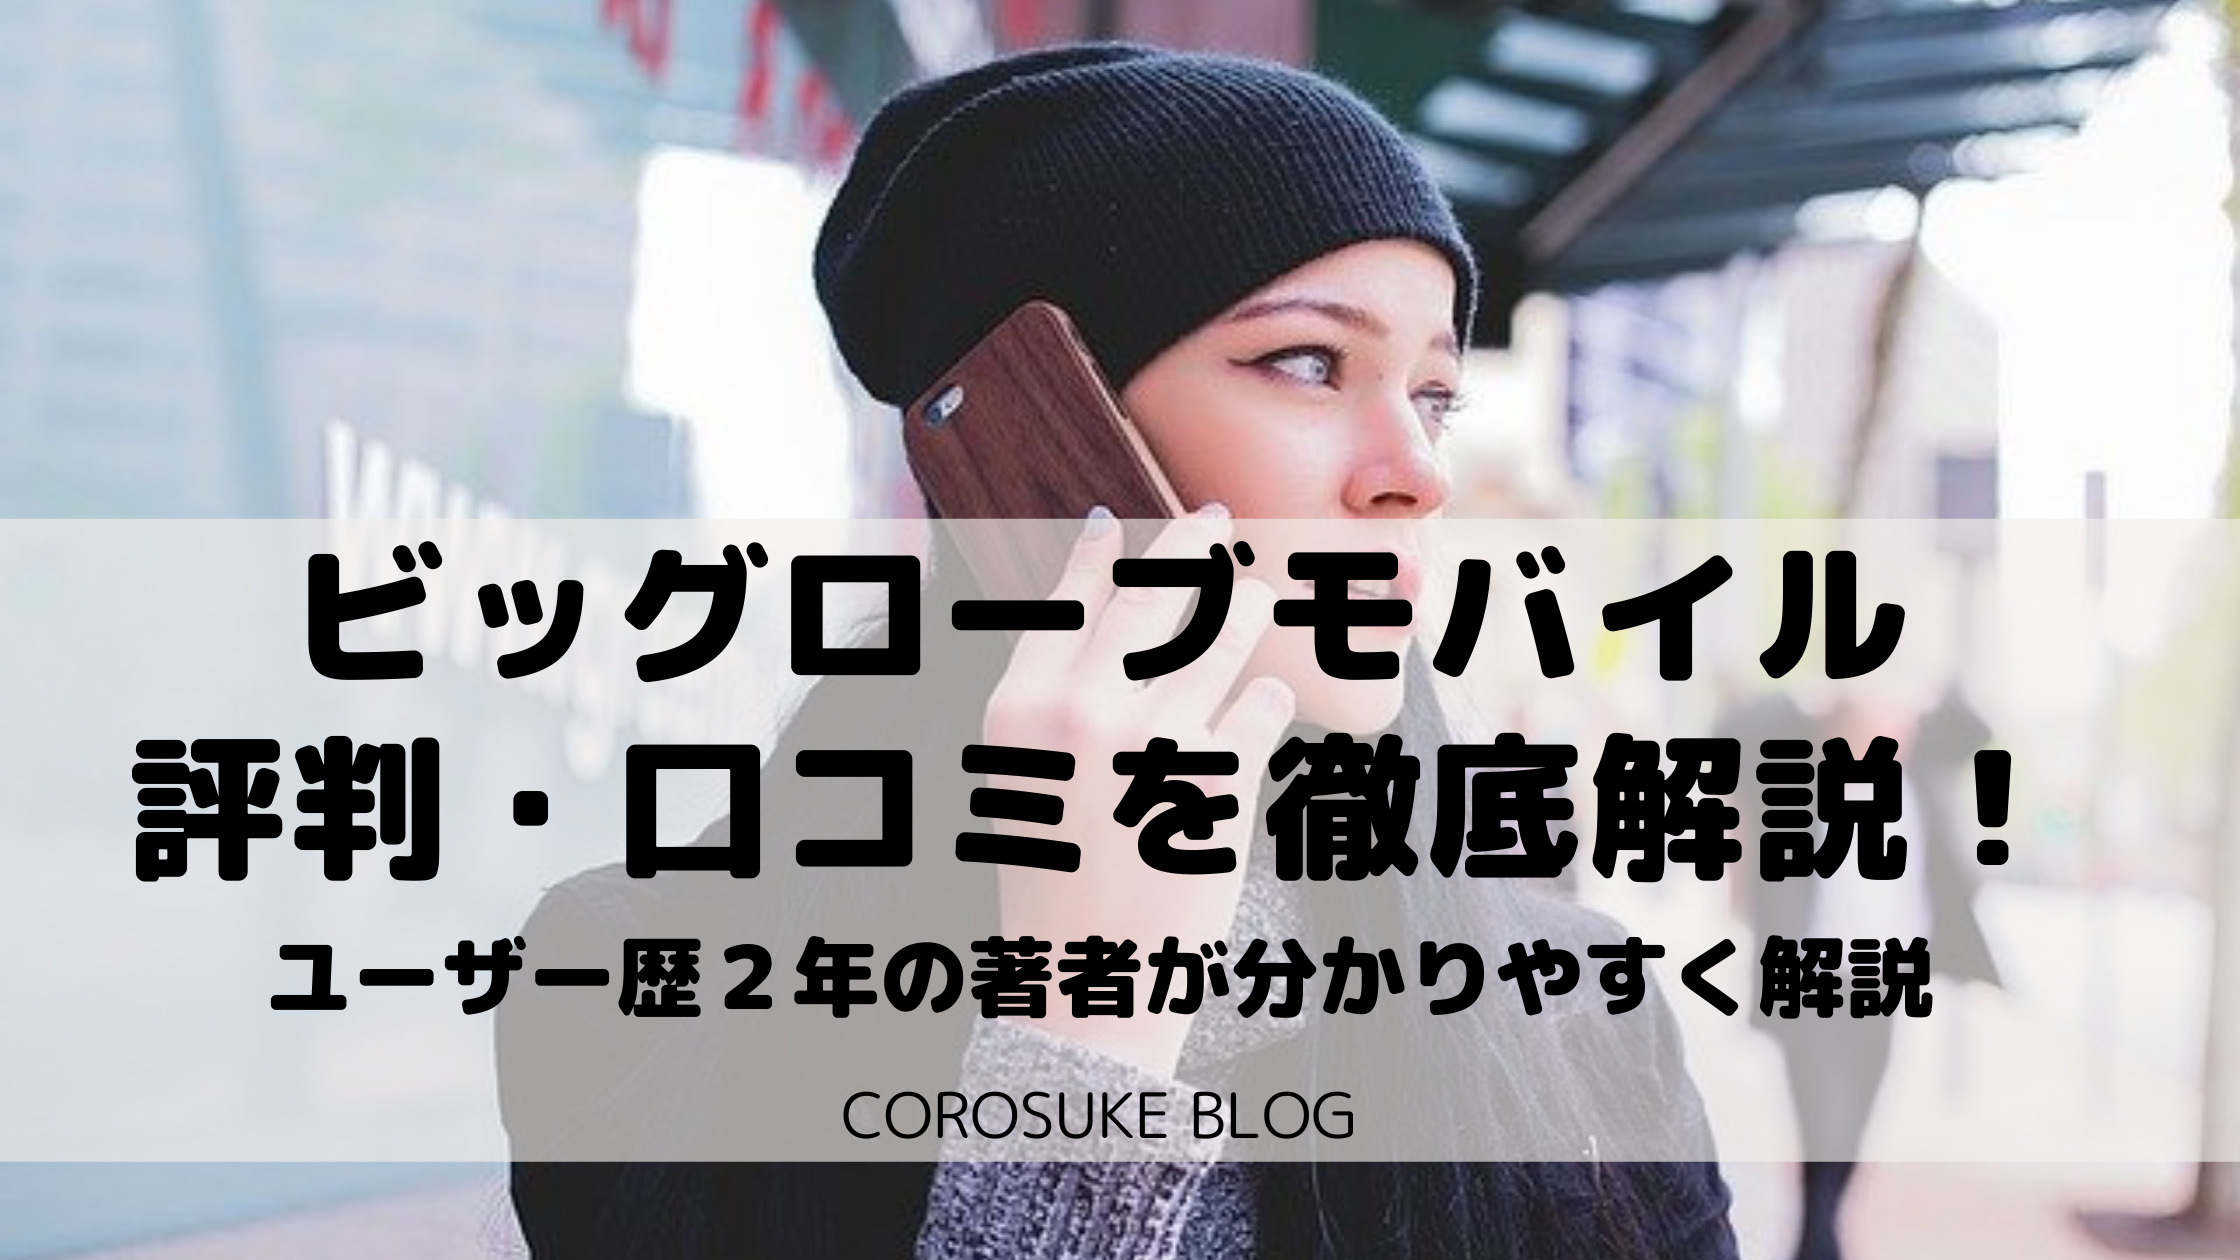 【ビッグローブモバイルの評判・口コミ】ユーザー歴2年の著者が解説